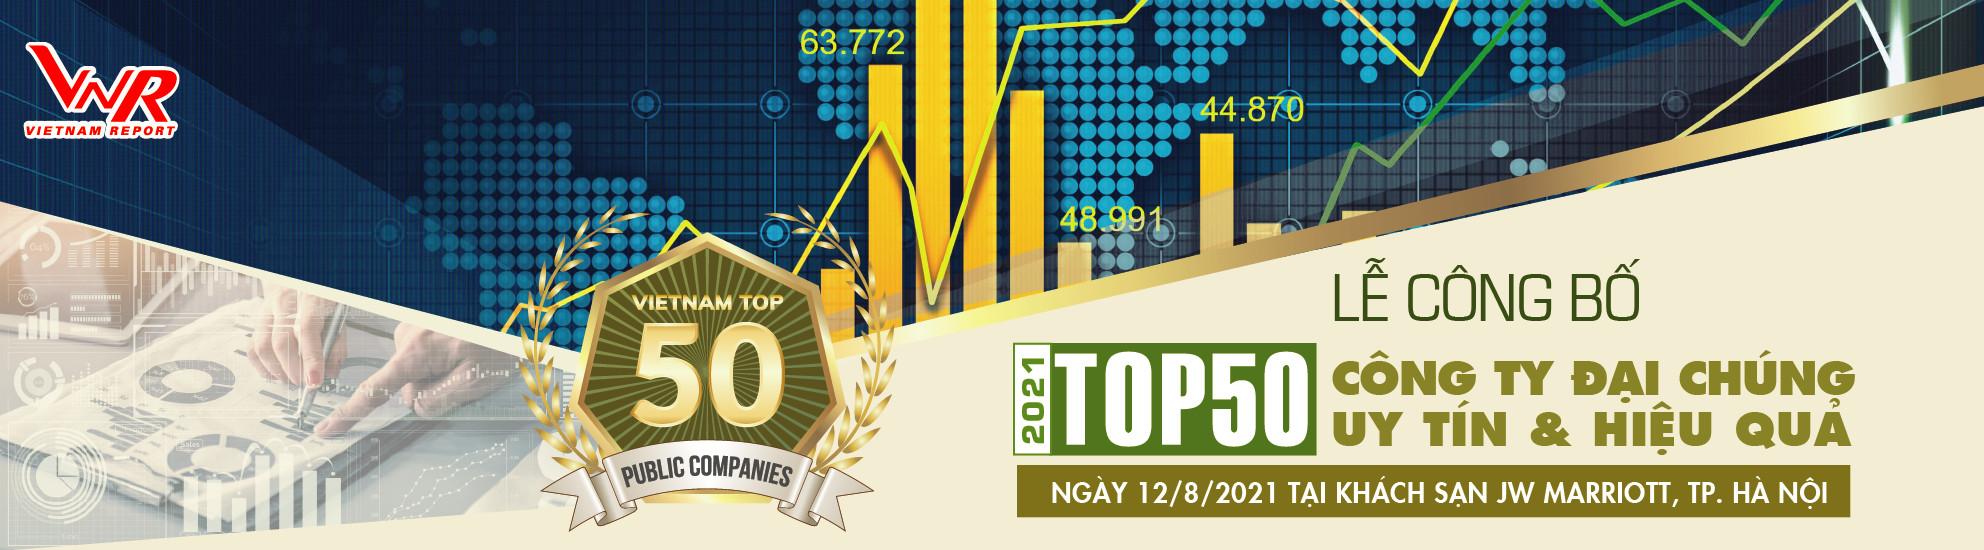 top50